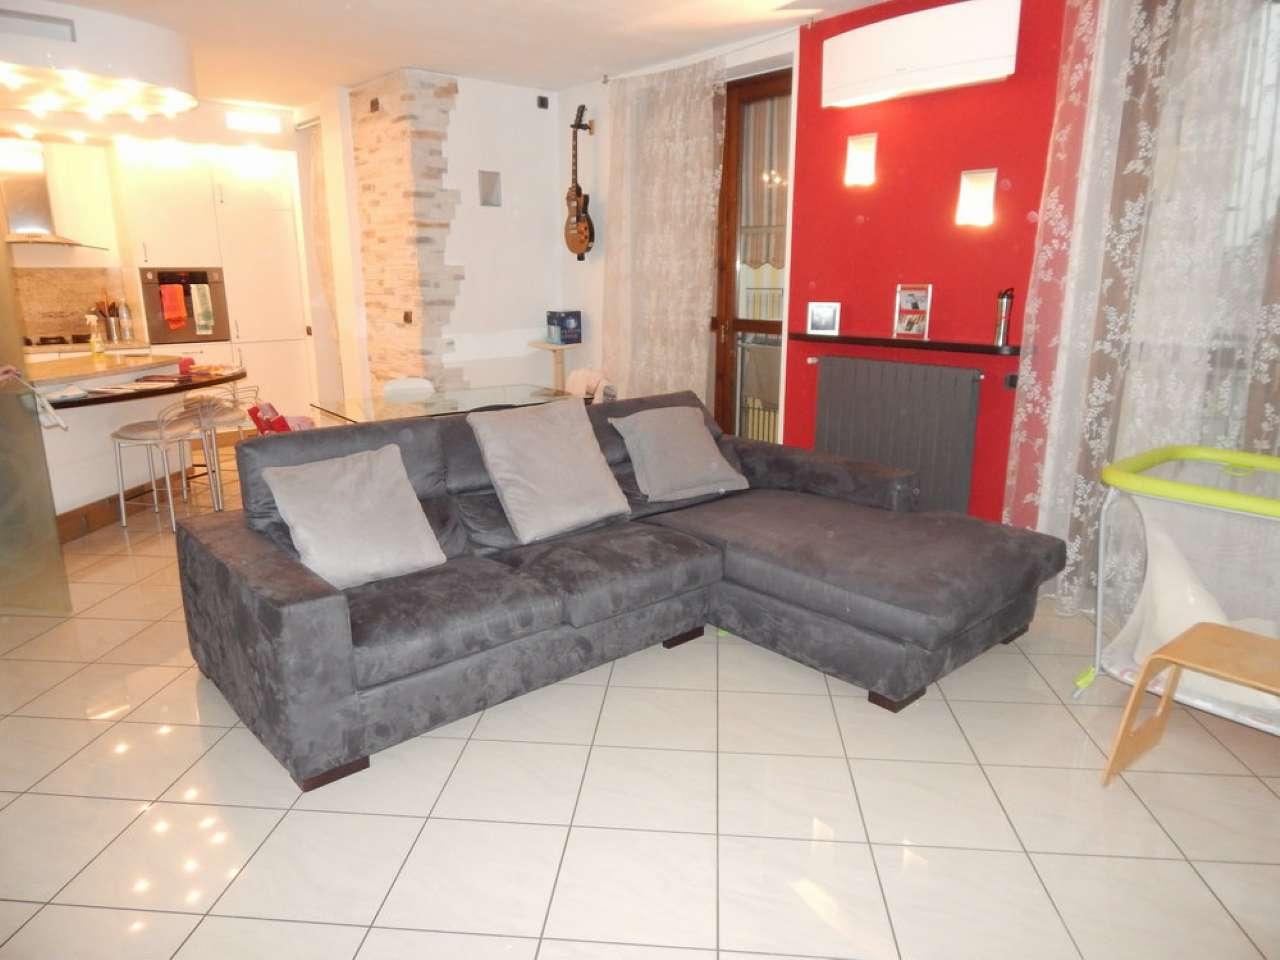 Appartamento in vendita a Treviglio, 3 locali, prezzo € 125.000   Cambio Casa.it